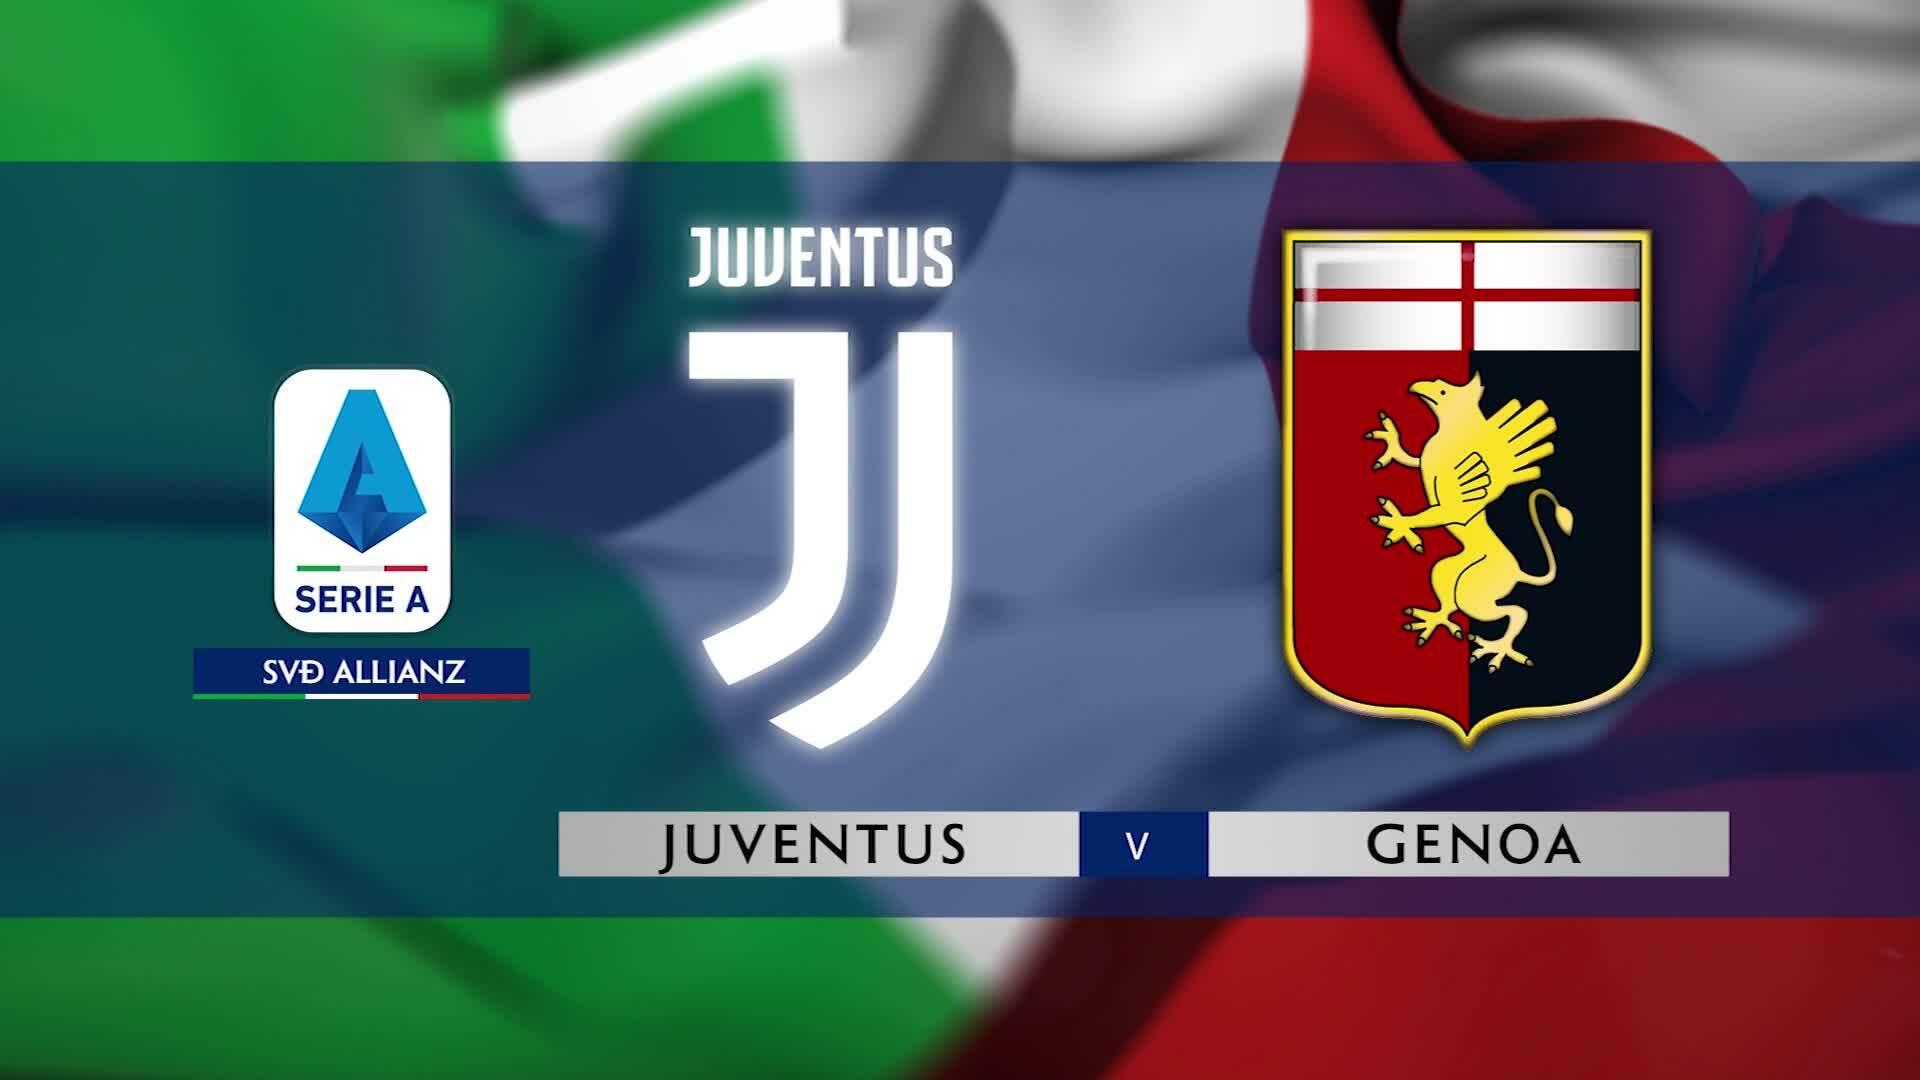 Juventus 2-1 Genoa